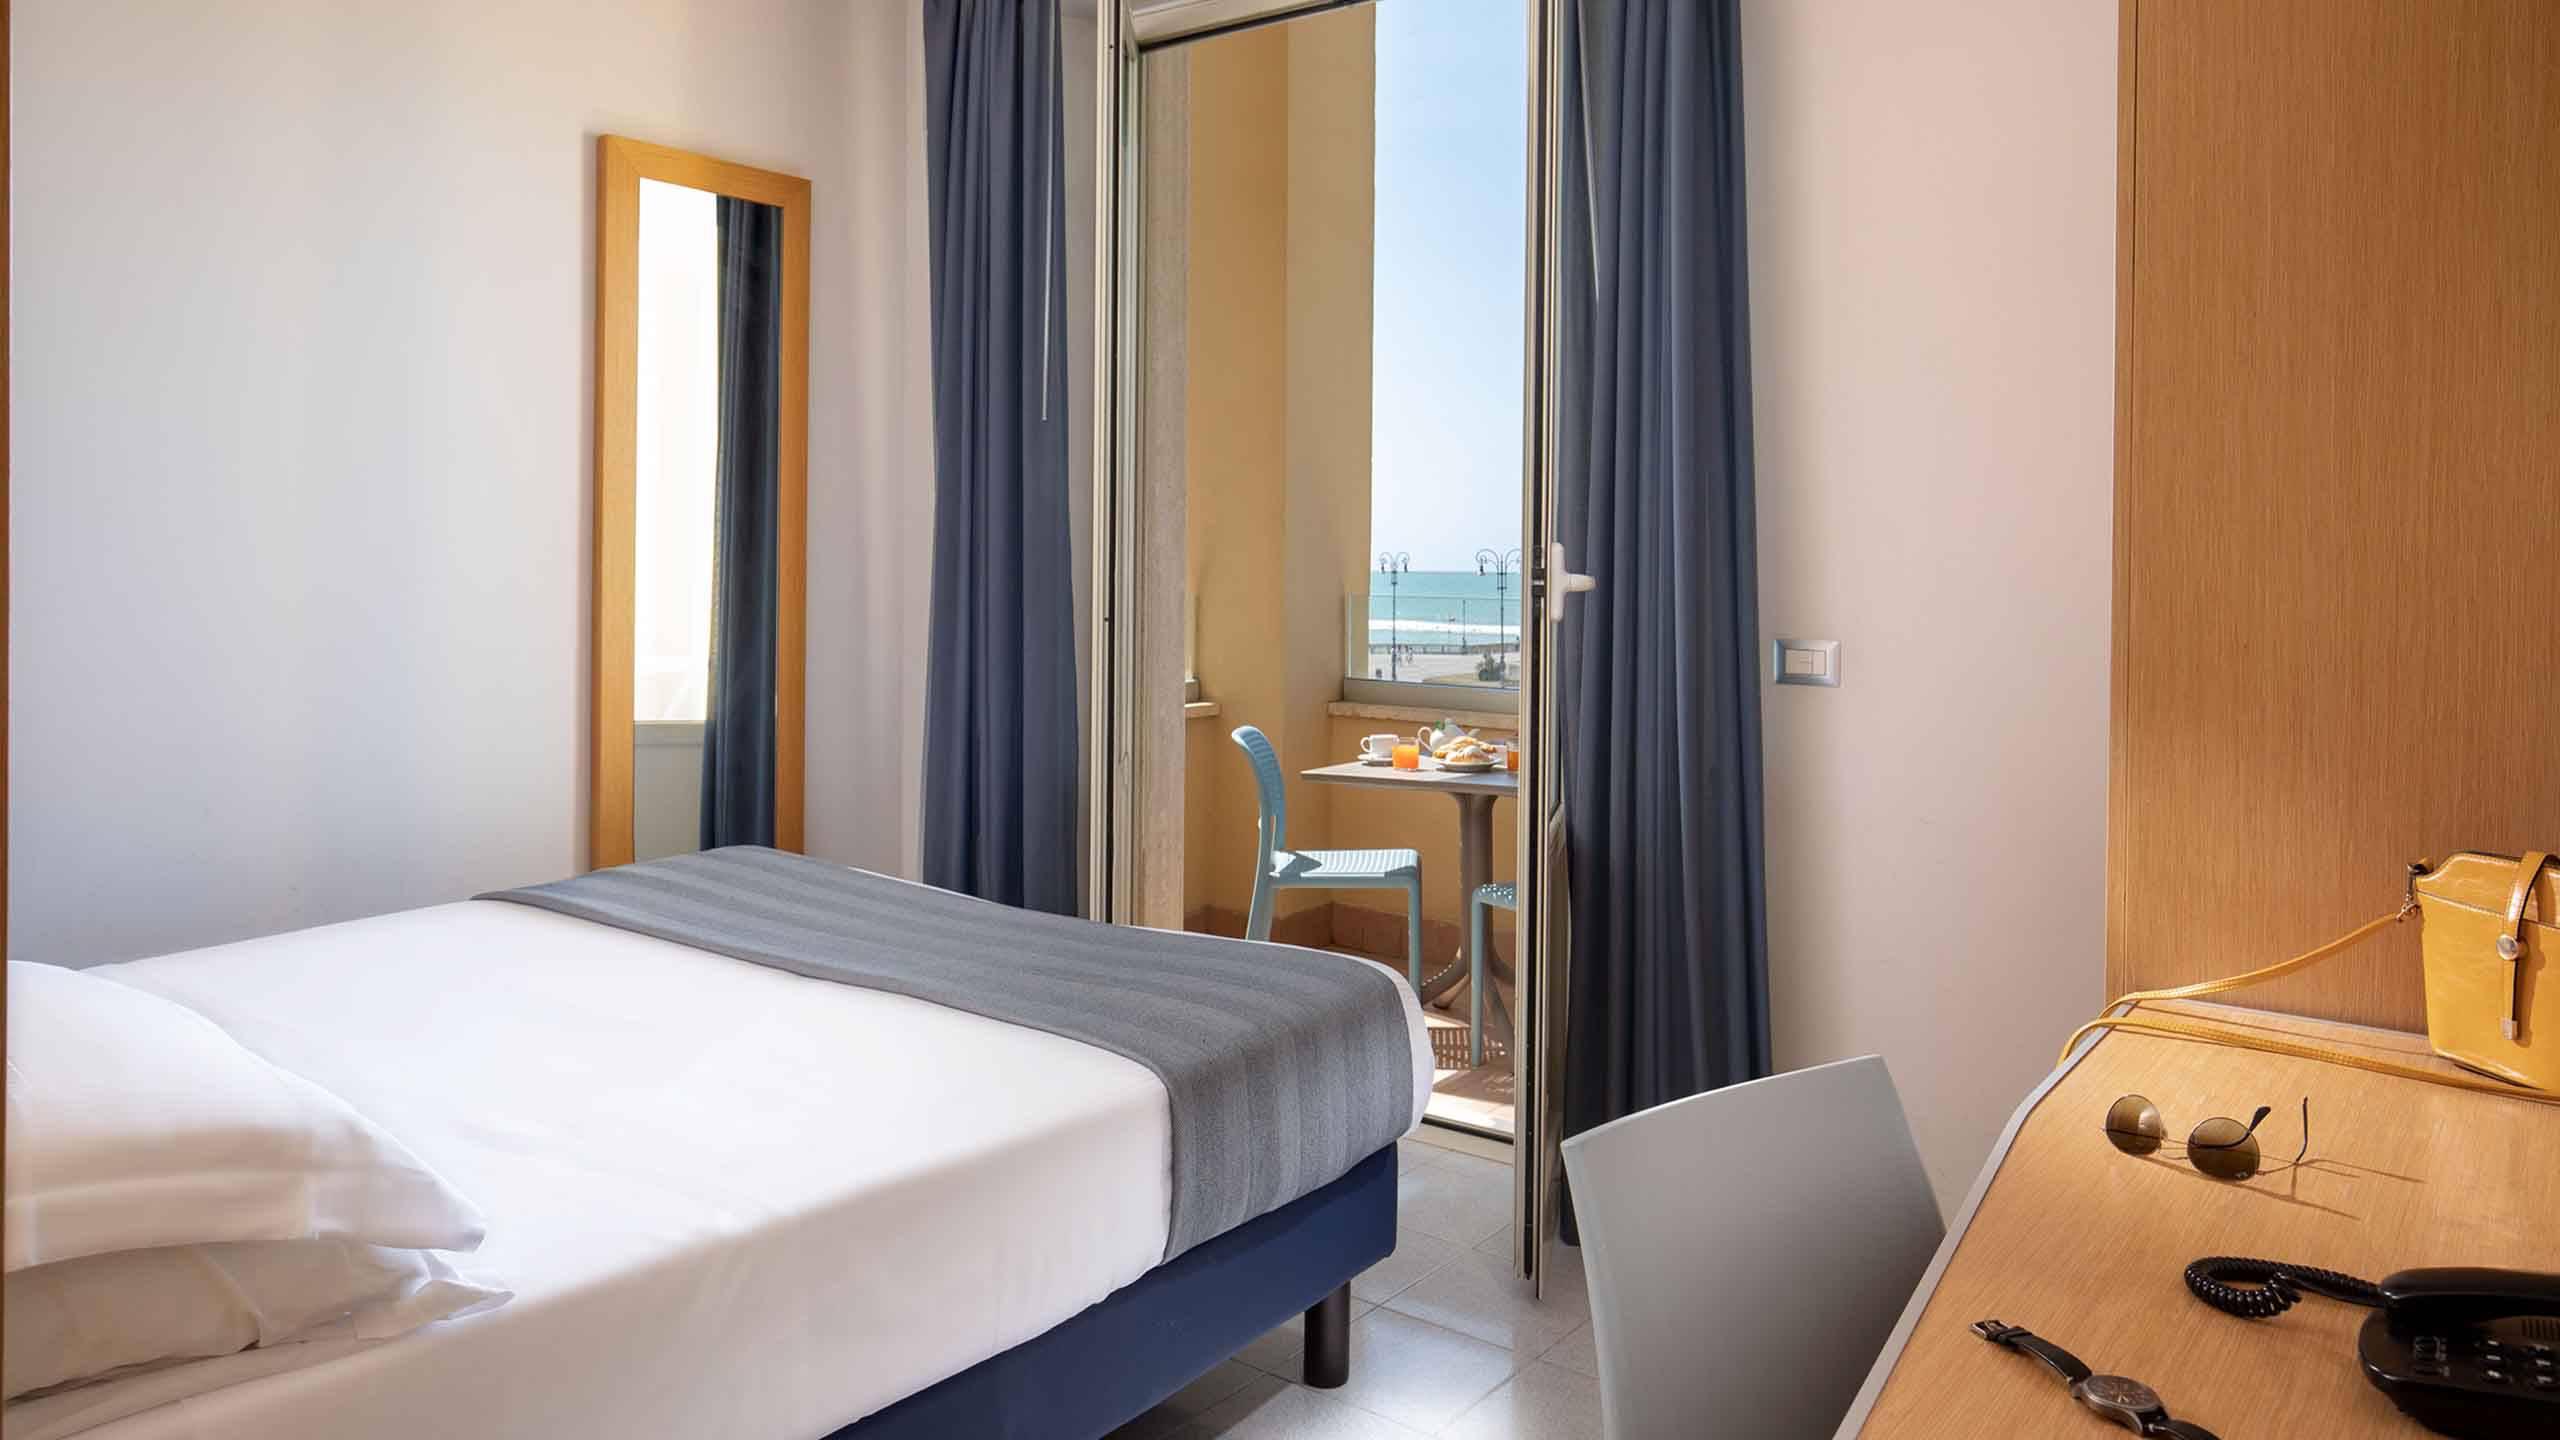 Hotel-La-Scaletta-Ostia-Camera-Doppia-Con-Vista-11